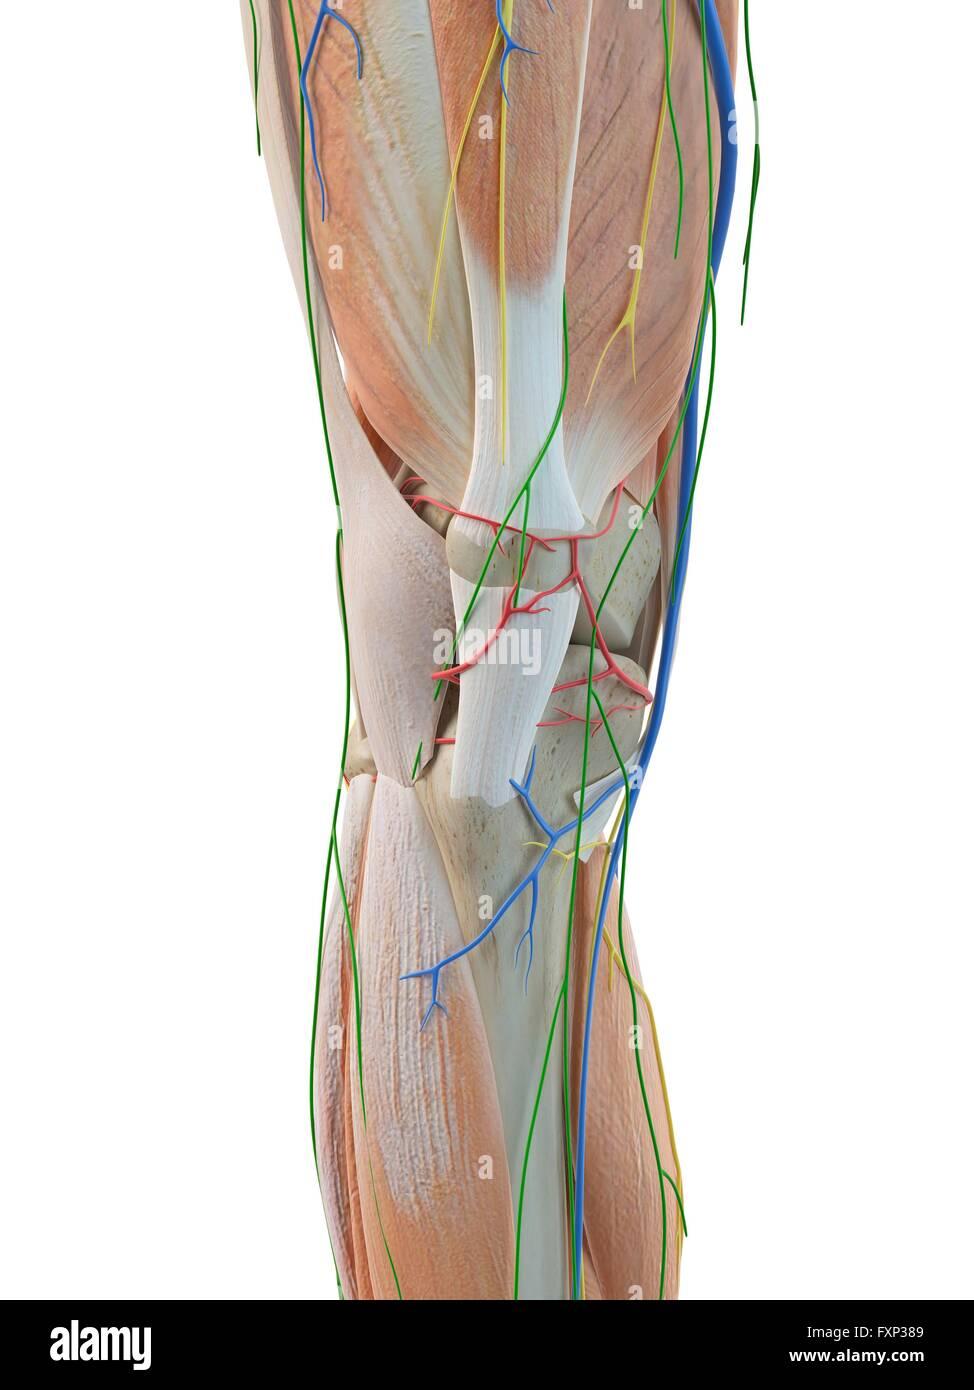 Wunderbar Menschliche Anatomie Des Beines Bilder - Menschliche ...